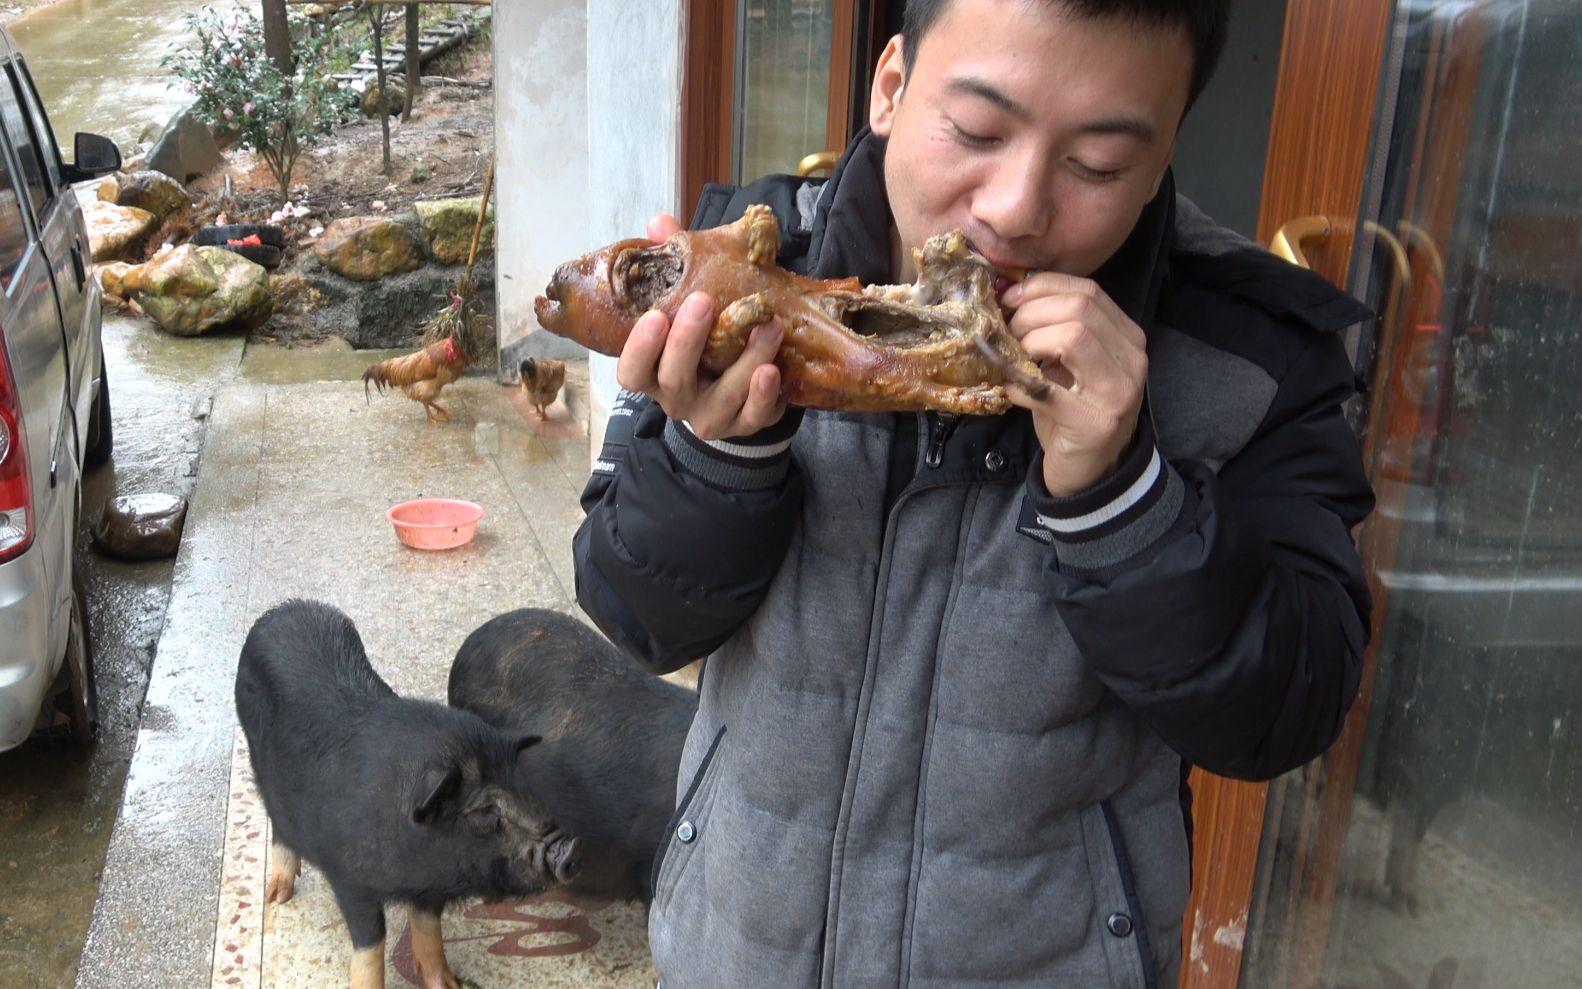 华农兄弟:这只竹鼠影响其它竹鼠睡觉,只好把它先煎后蒸再煮